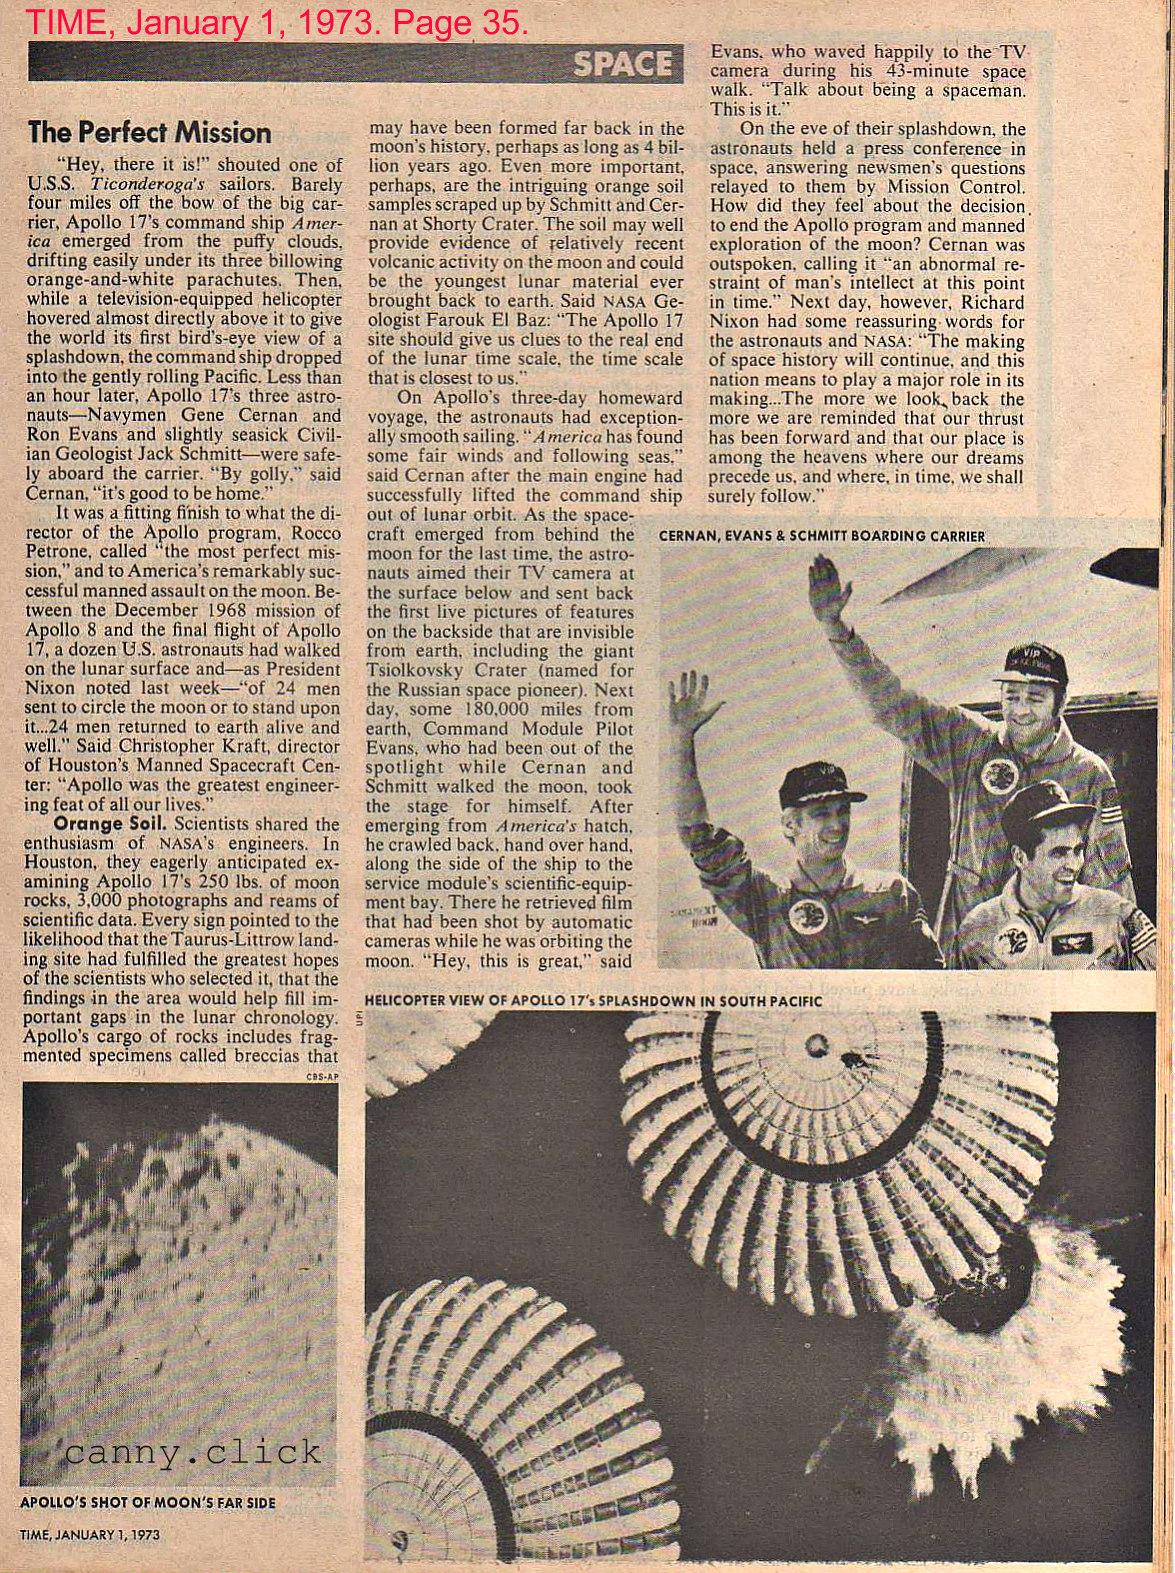 Apollo 17 mission text